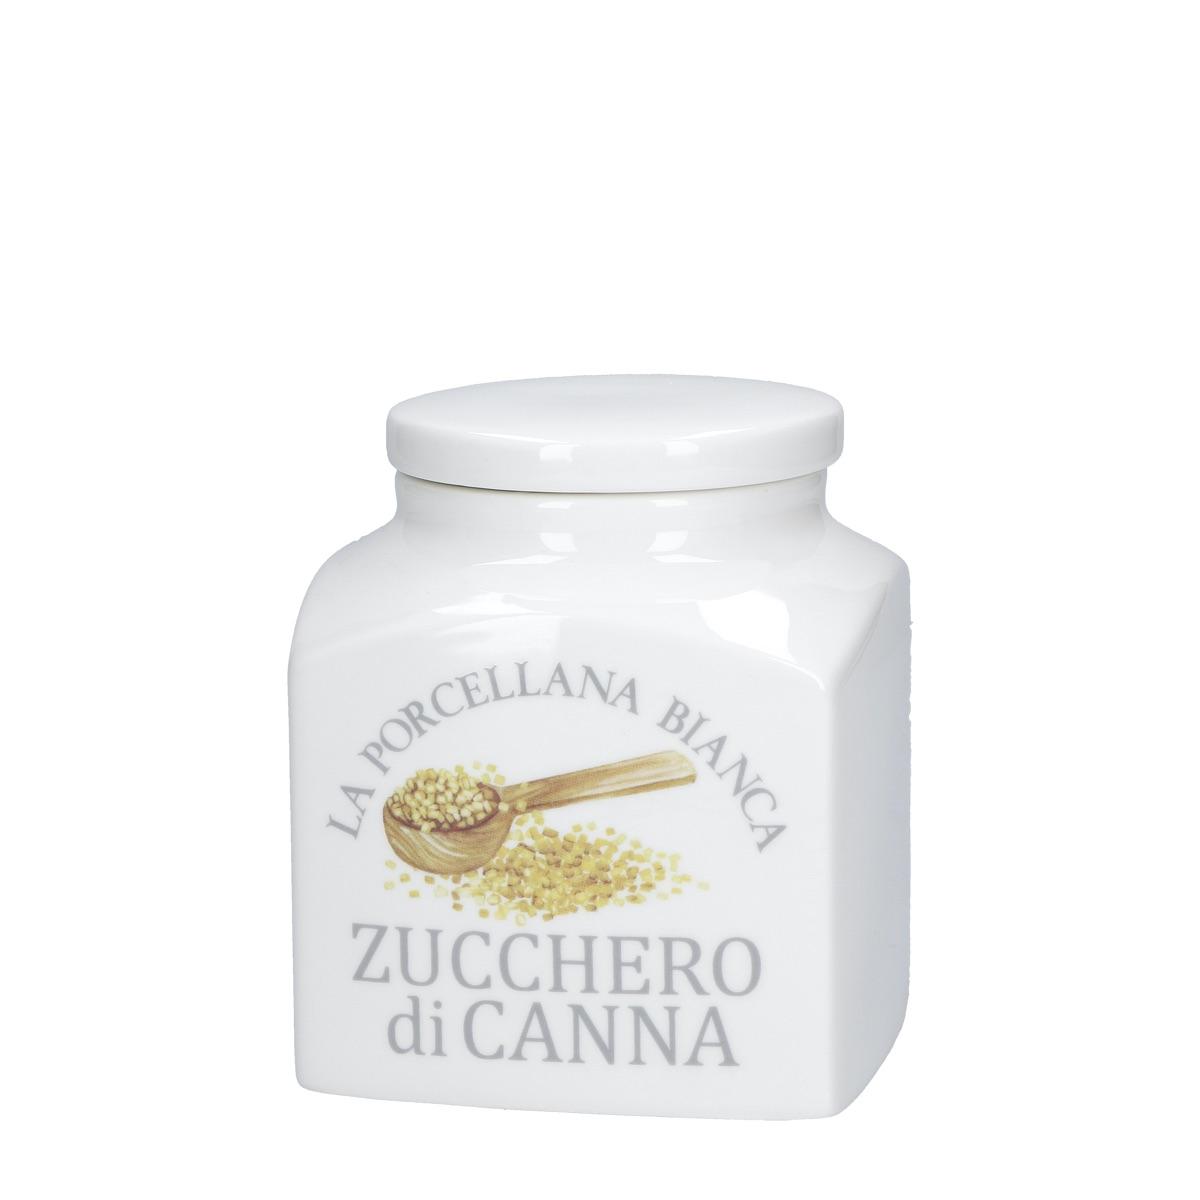 Conserva barattolo déco zucchero di canna